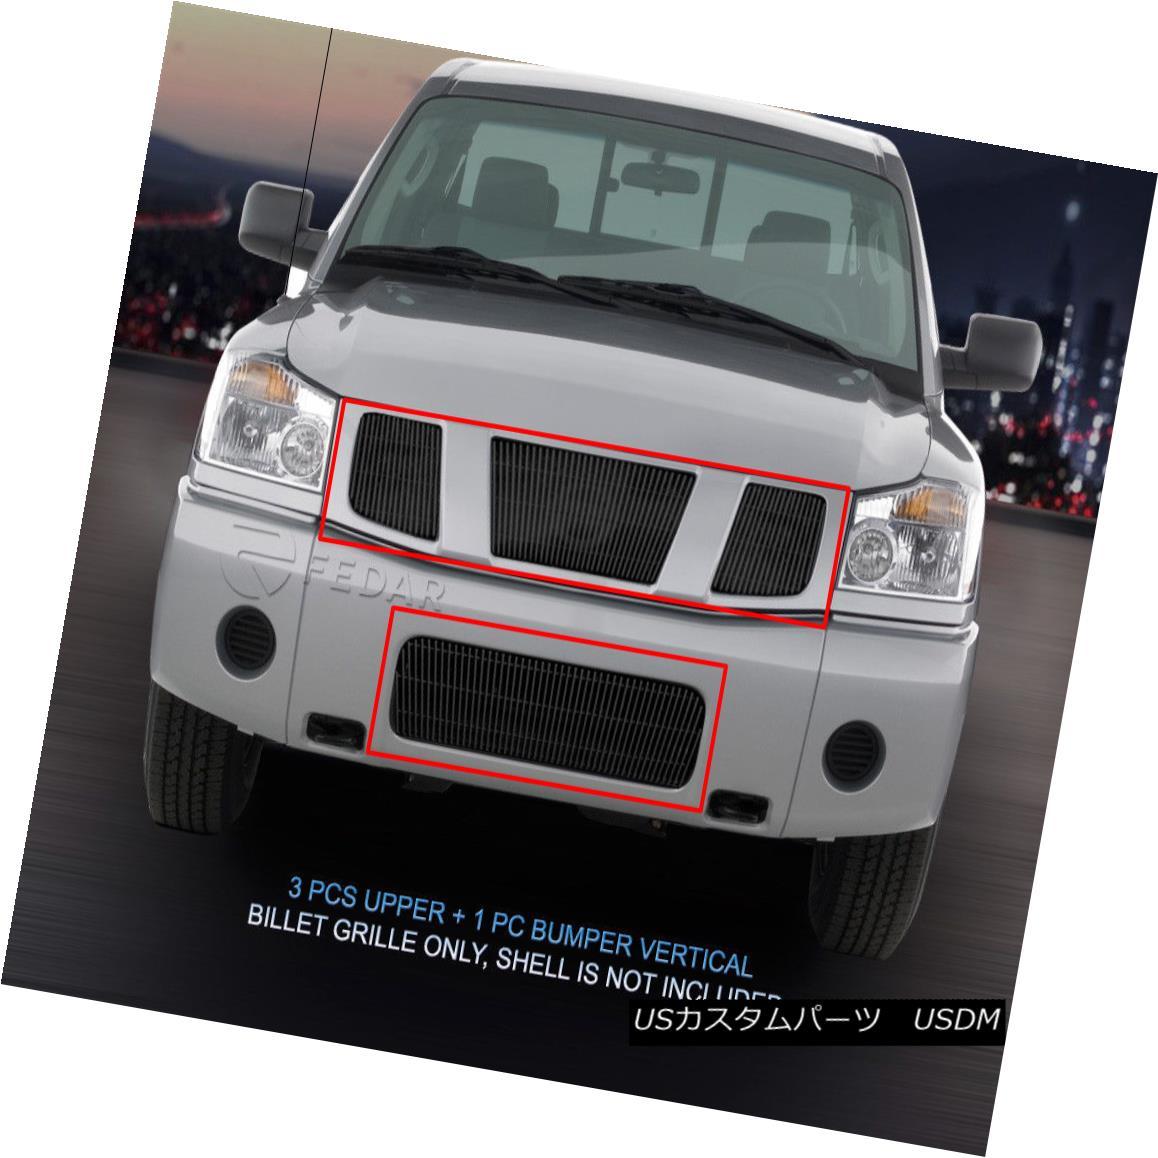 グリル Fits 04-07 Nissan Titan/Armada Vertical Black Billet Grille Combo Insert Fedar フィット04-07日産タイタン/陸軍垂直黒ビレットグリルコンボ挿入Fedar